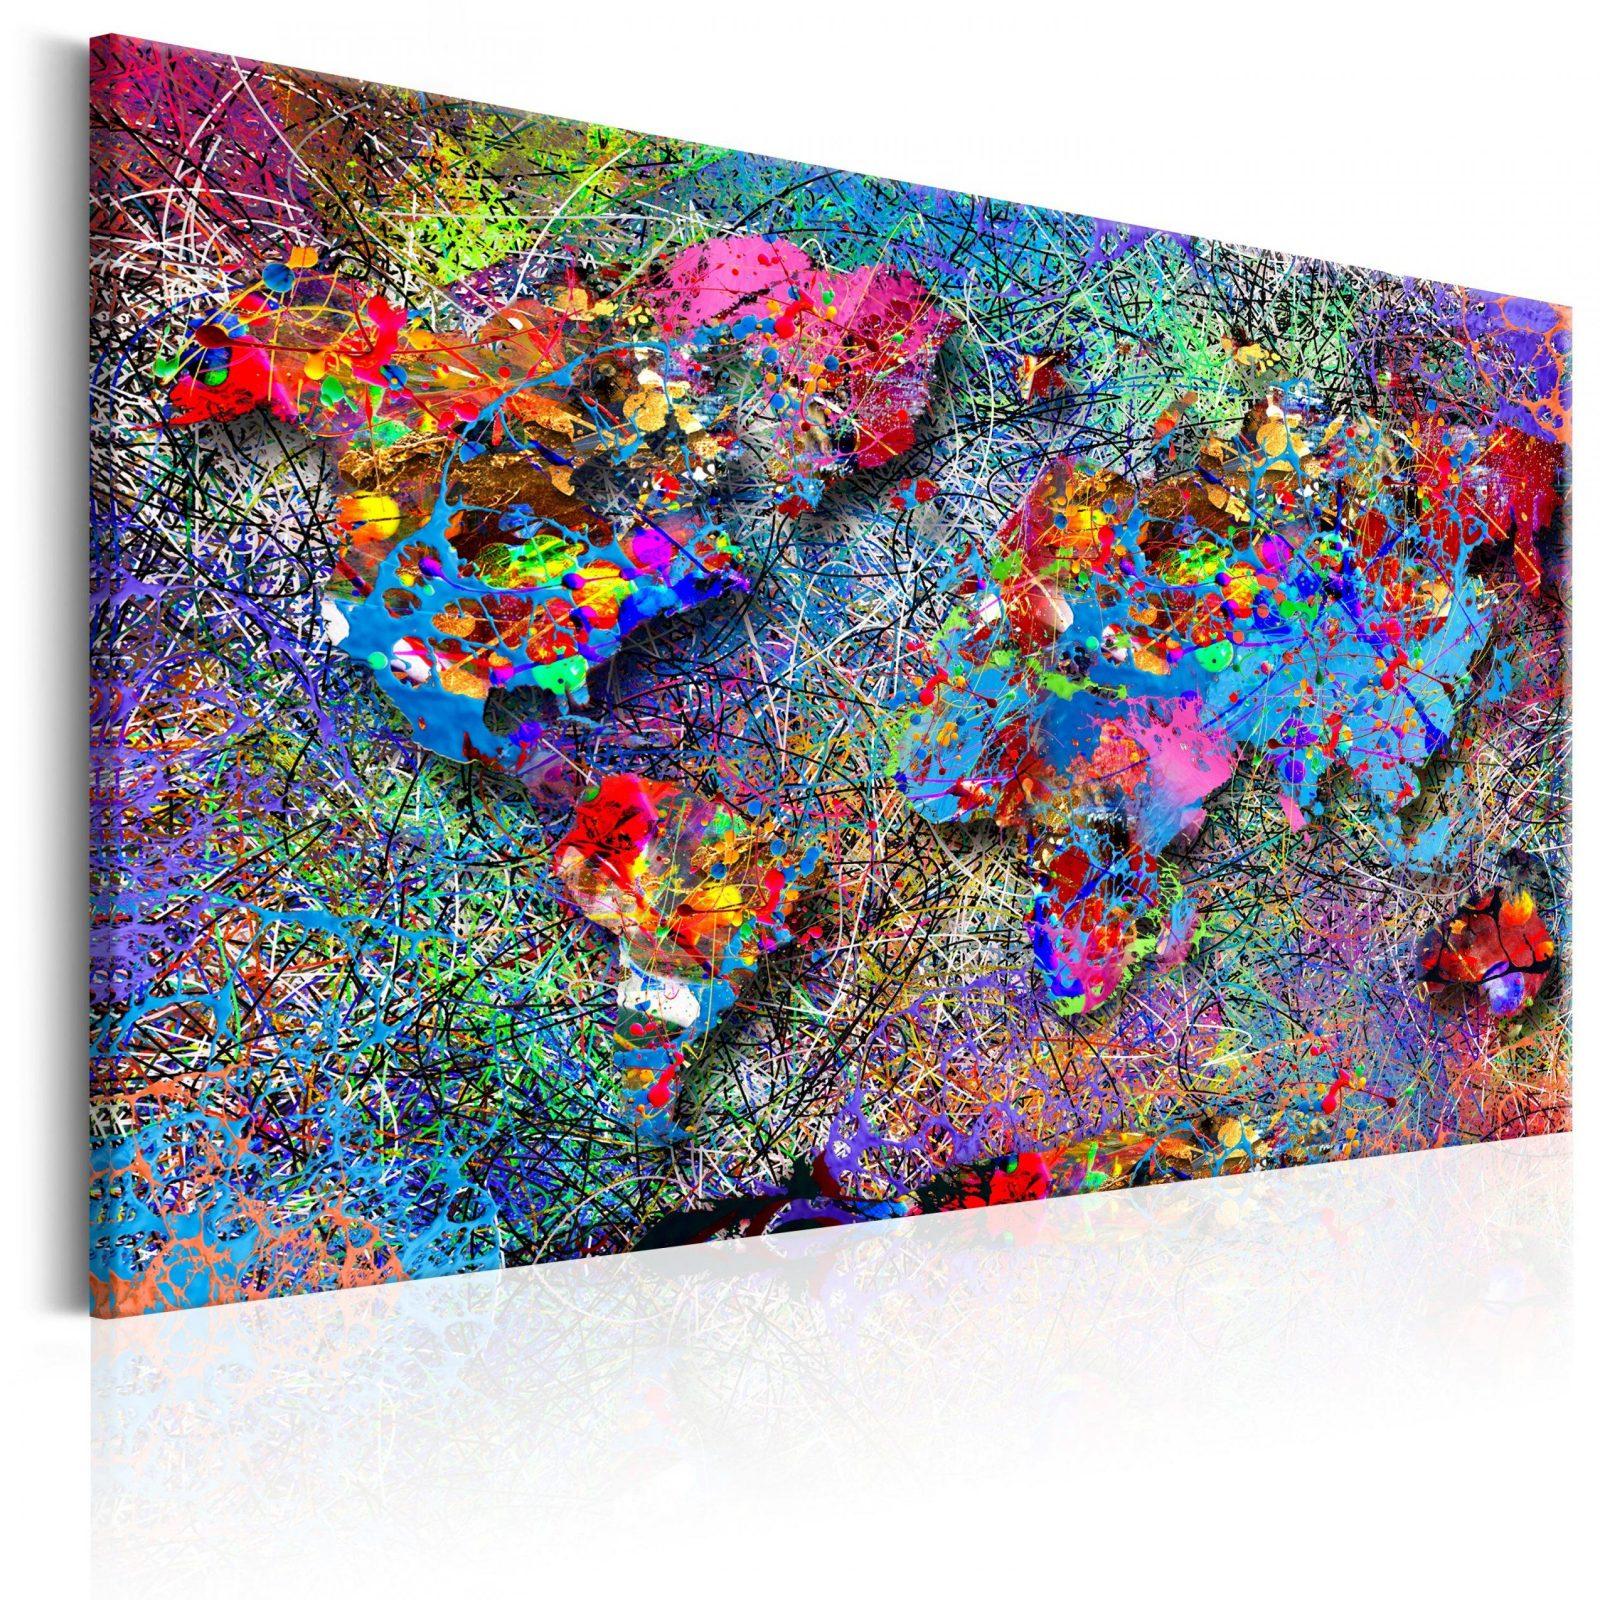 Leinwand Bilder Xxl Kunstdruck Wandbild Weltkarte Abstrakt Pollock von Bilder Auf Leinwand Abstrakt Bild